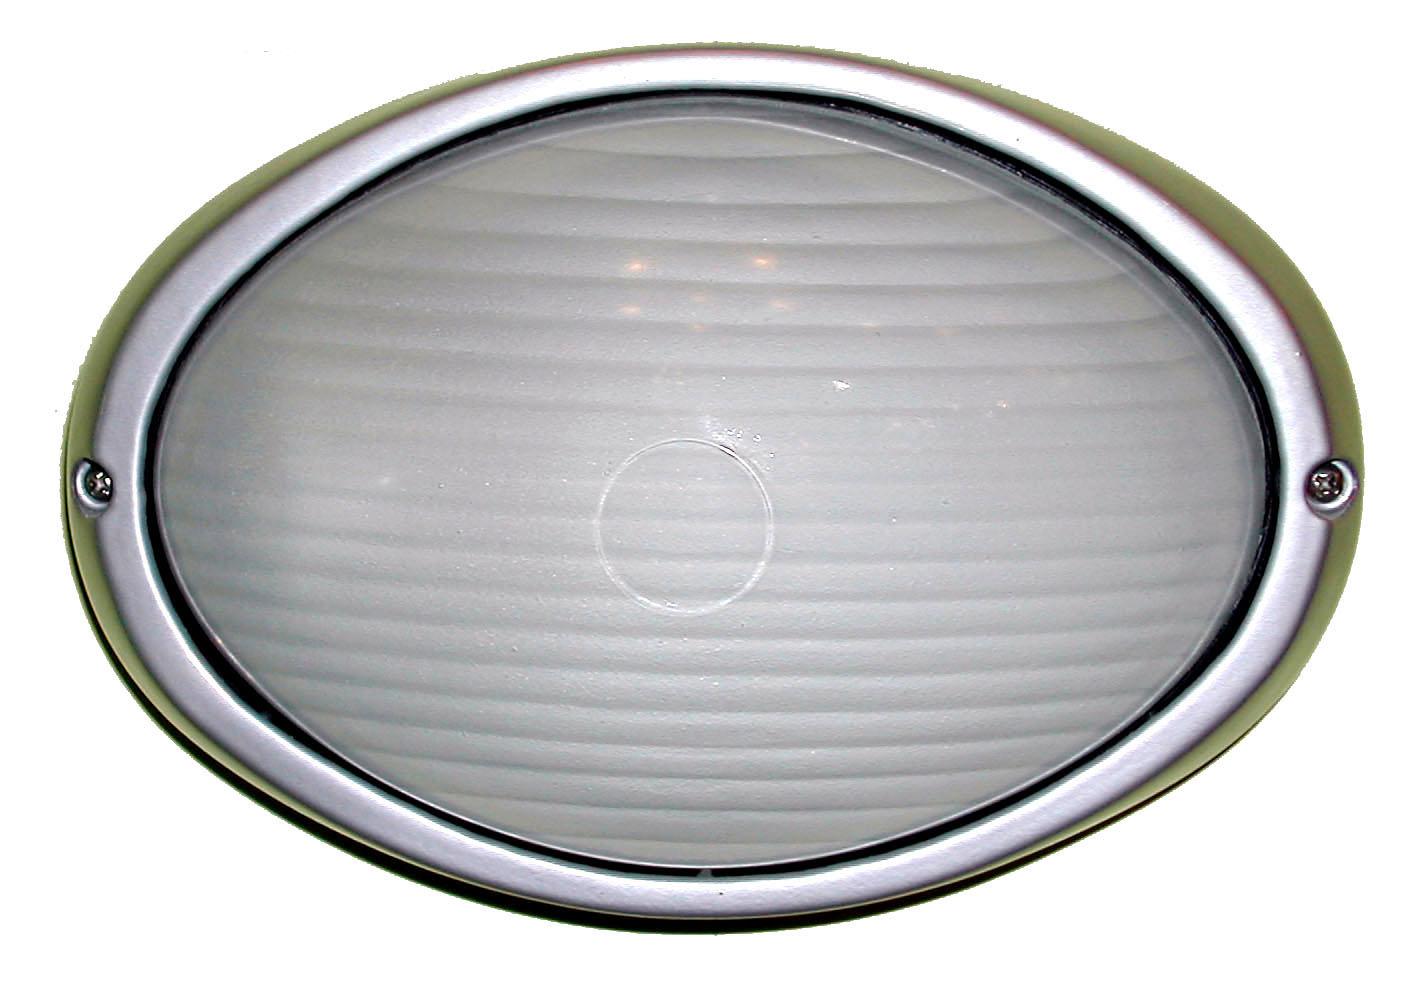 ubt2301s oval glass ascentliving. Black Bedroom Furniture Sets. Home Design Ideas